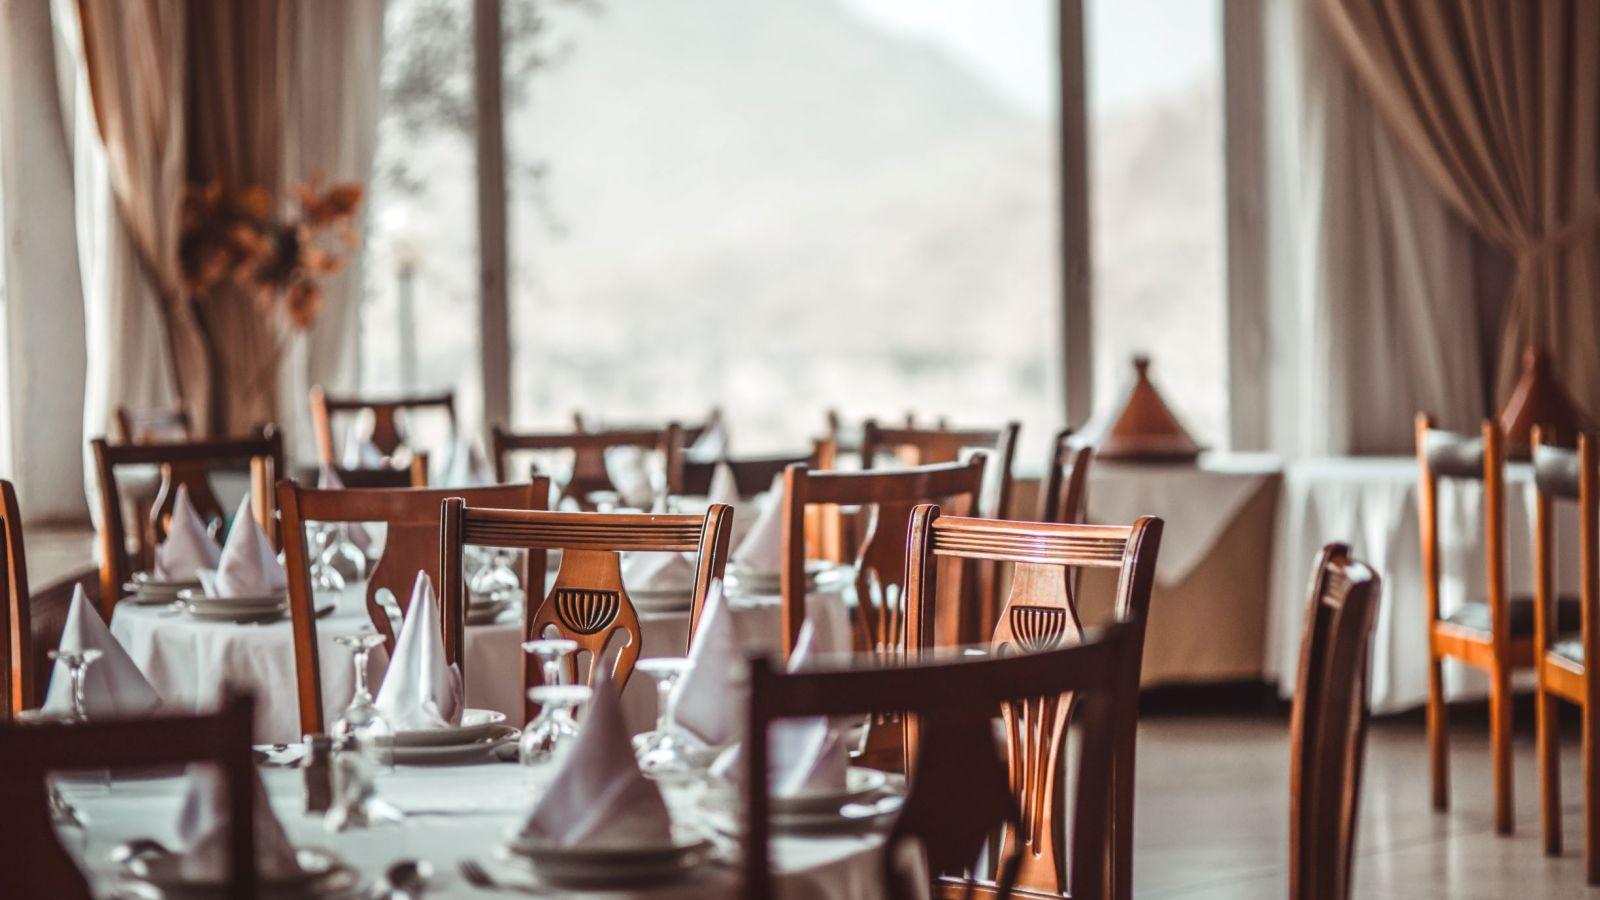 Restaurant Cleaning Checklist